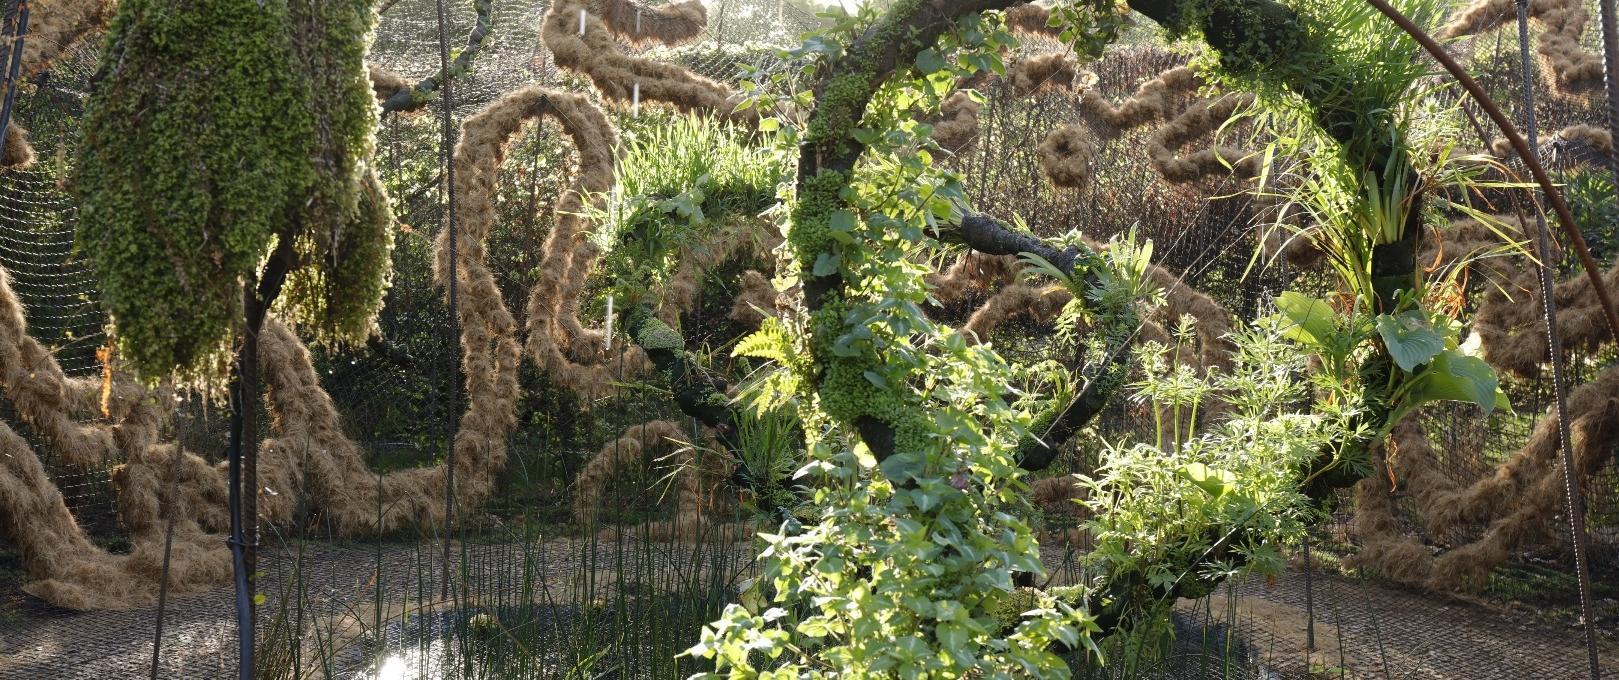 En 25 saisons, plus de 700 jardins ont été créés